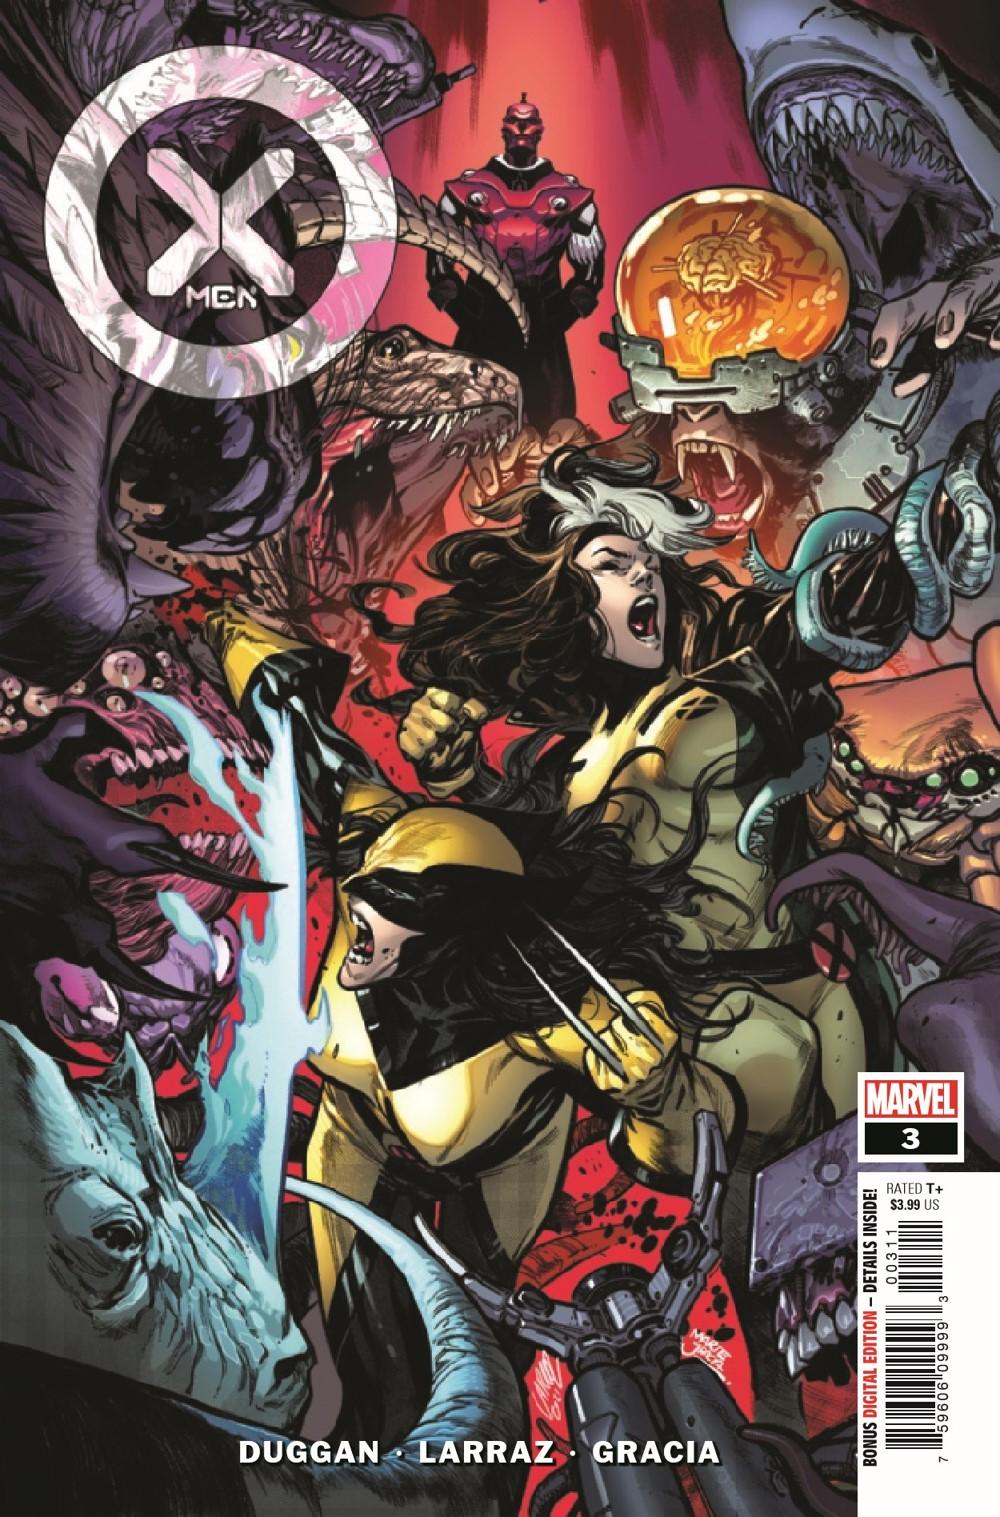 XMEN2021003_Preview-1 ComicList Previews: X-MEN #3